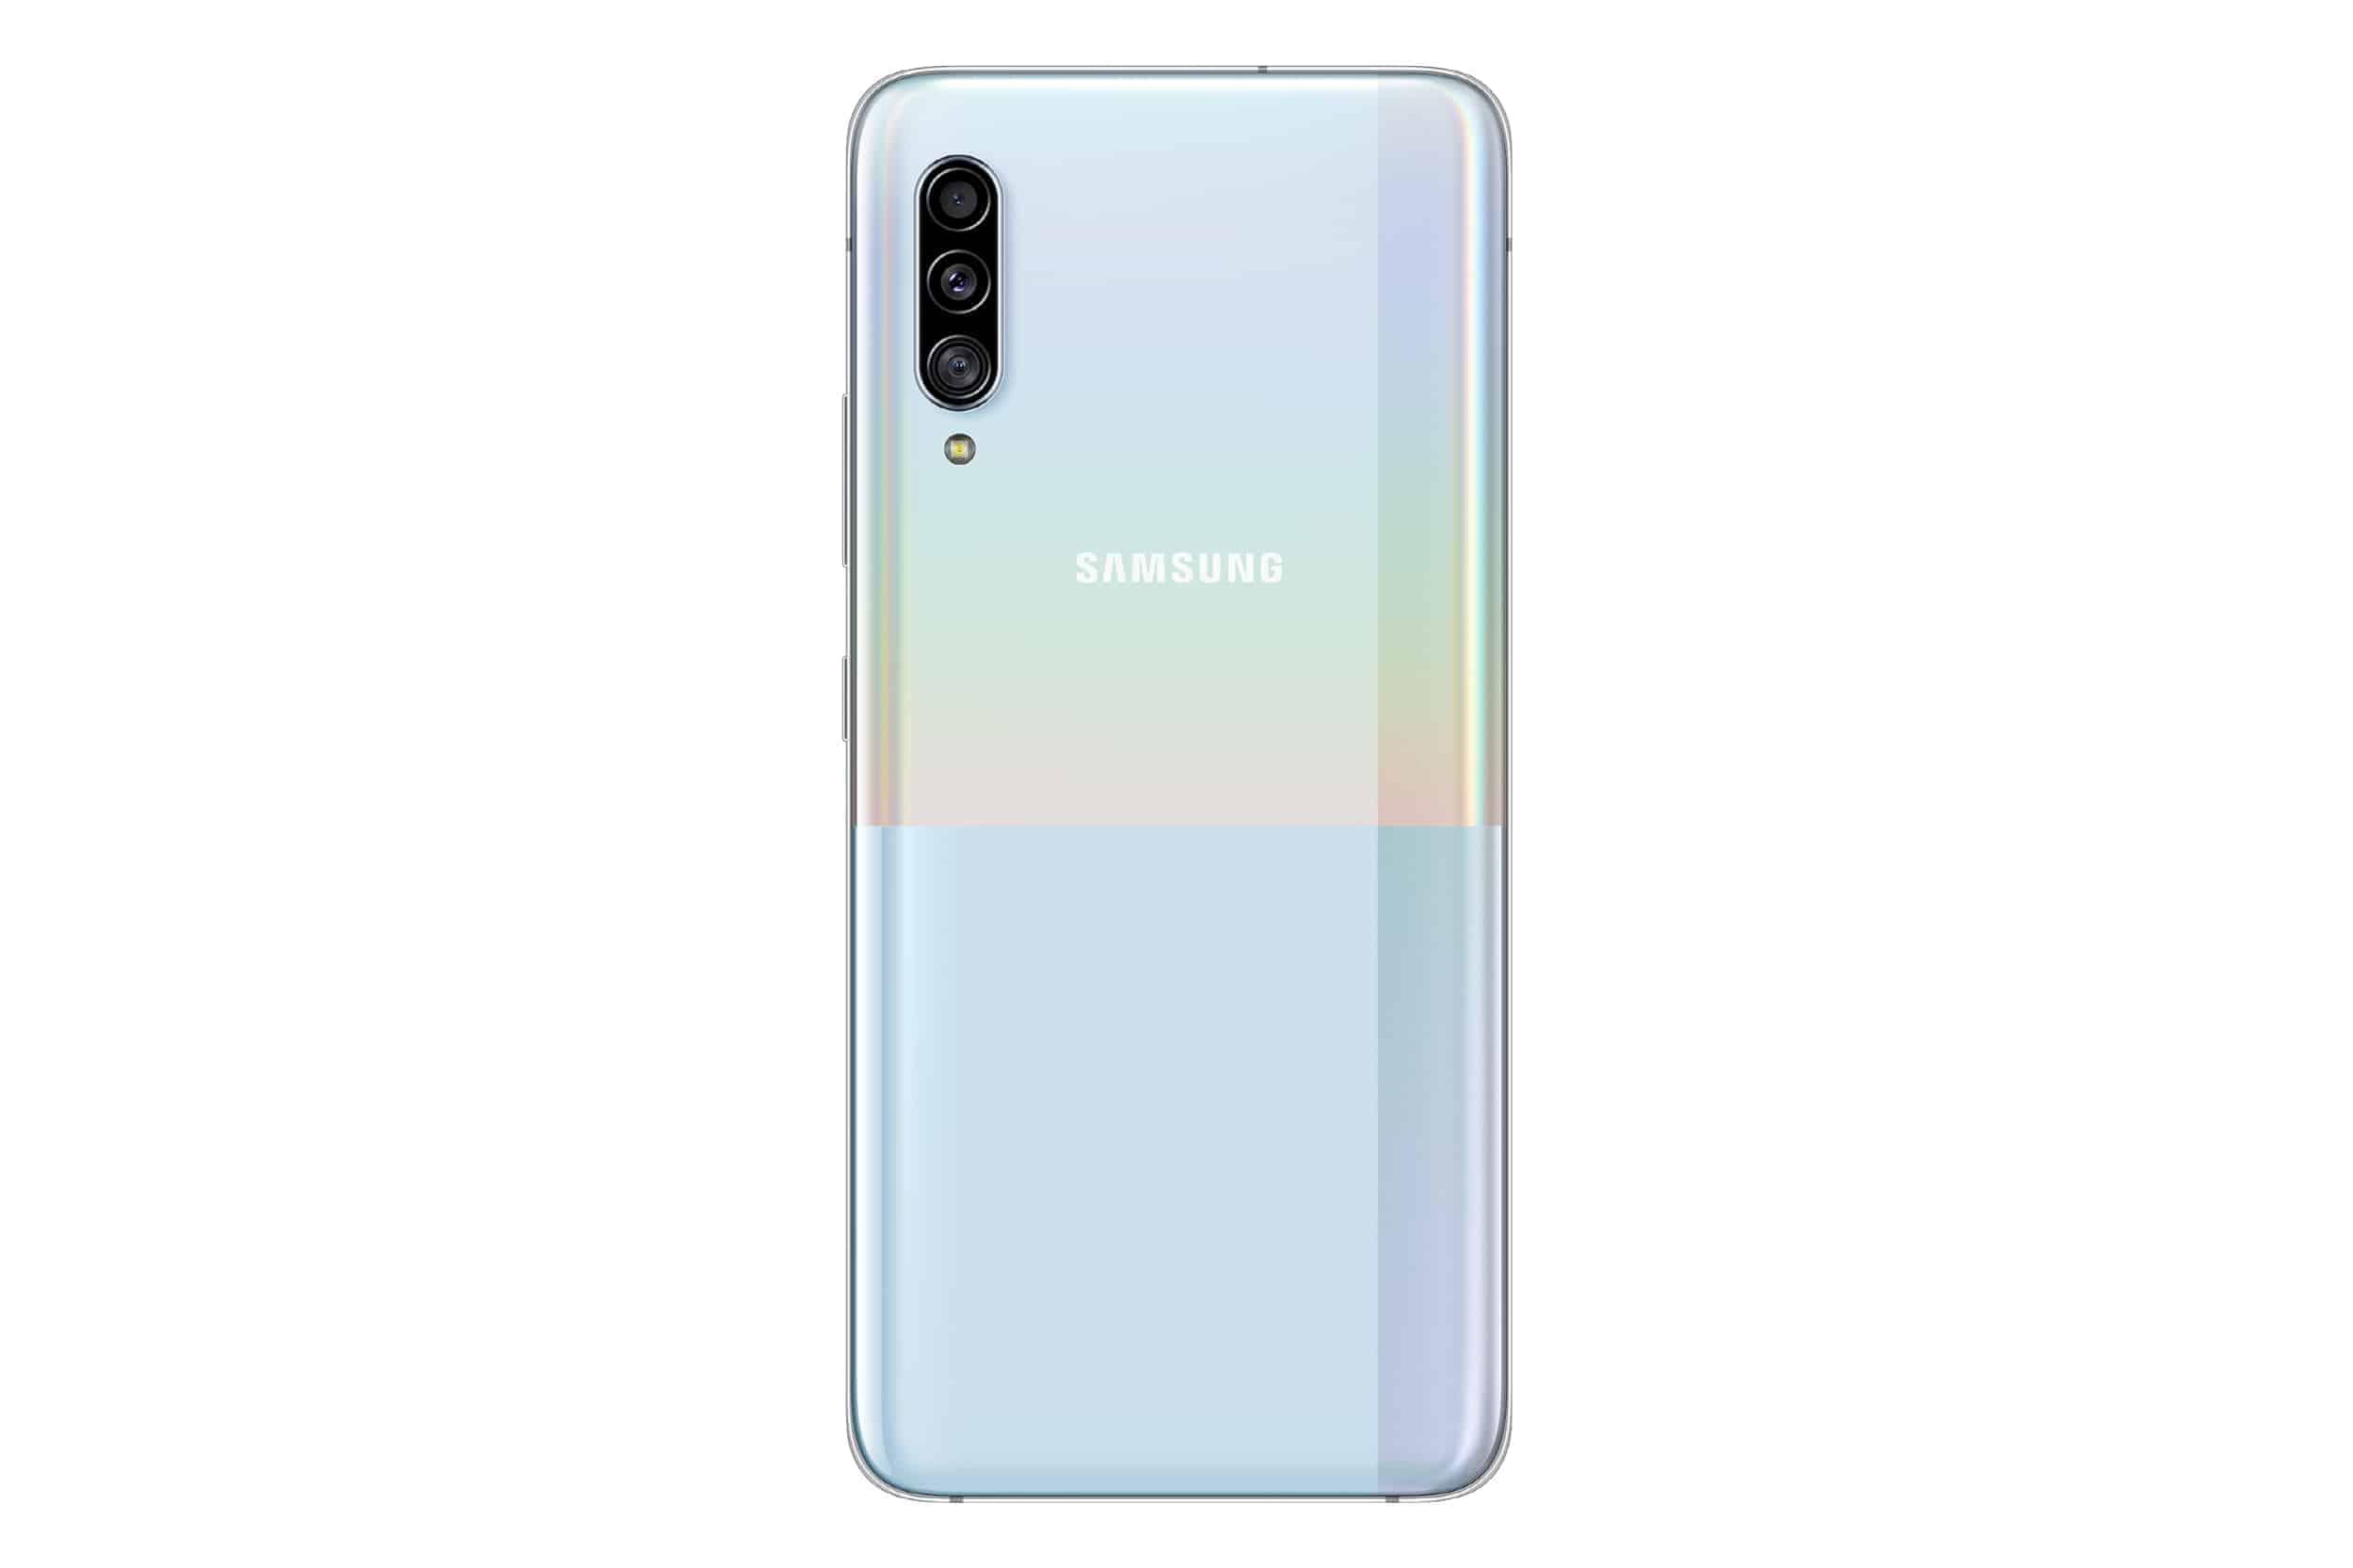 Samsung Galaxy A90 5G image 6